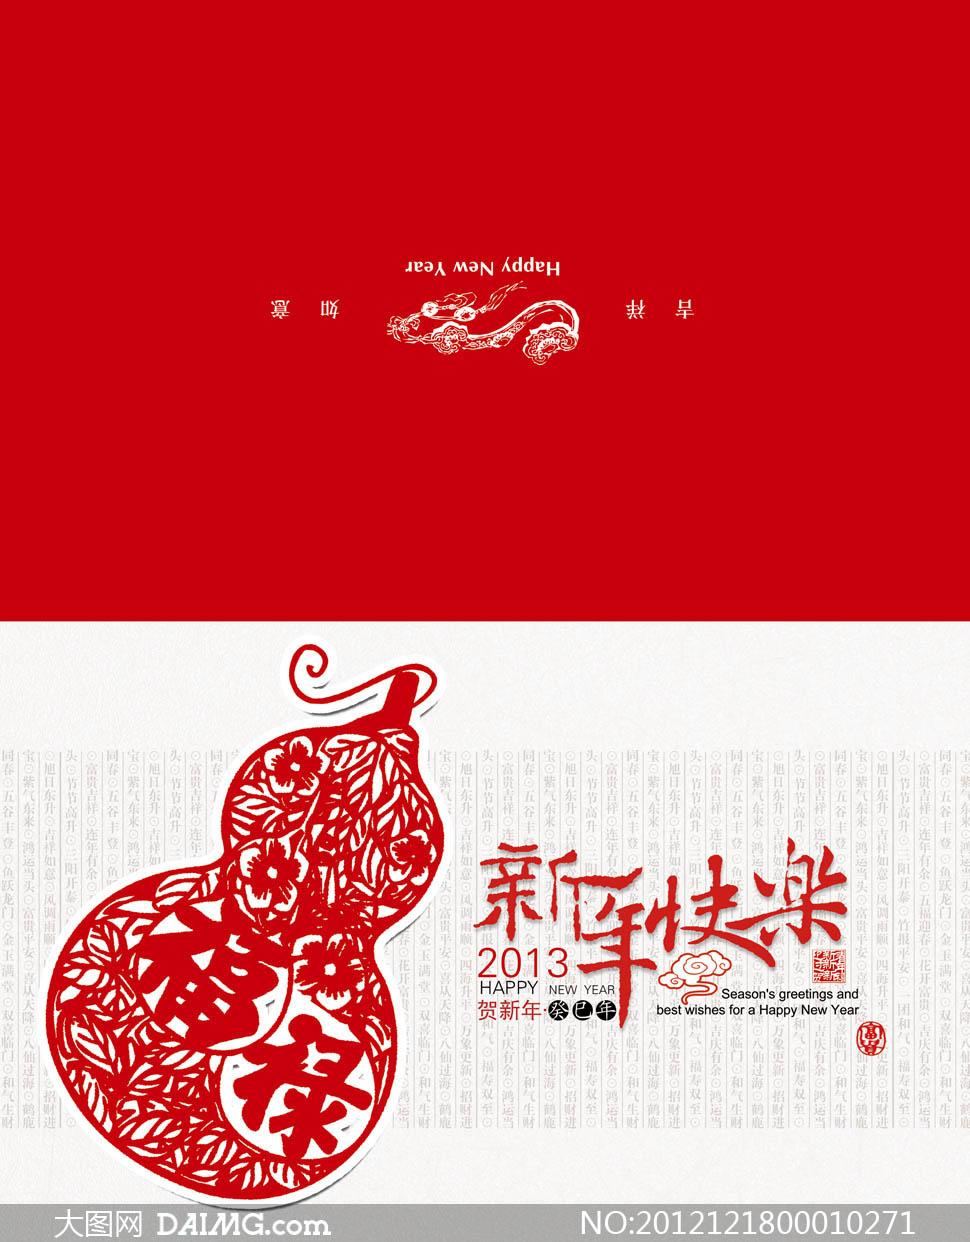 2013新年快乐贺卡模板psd源文件